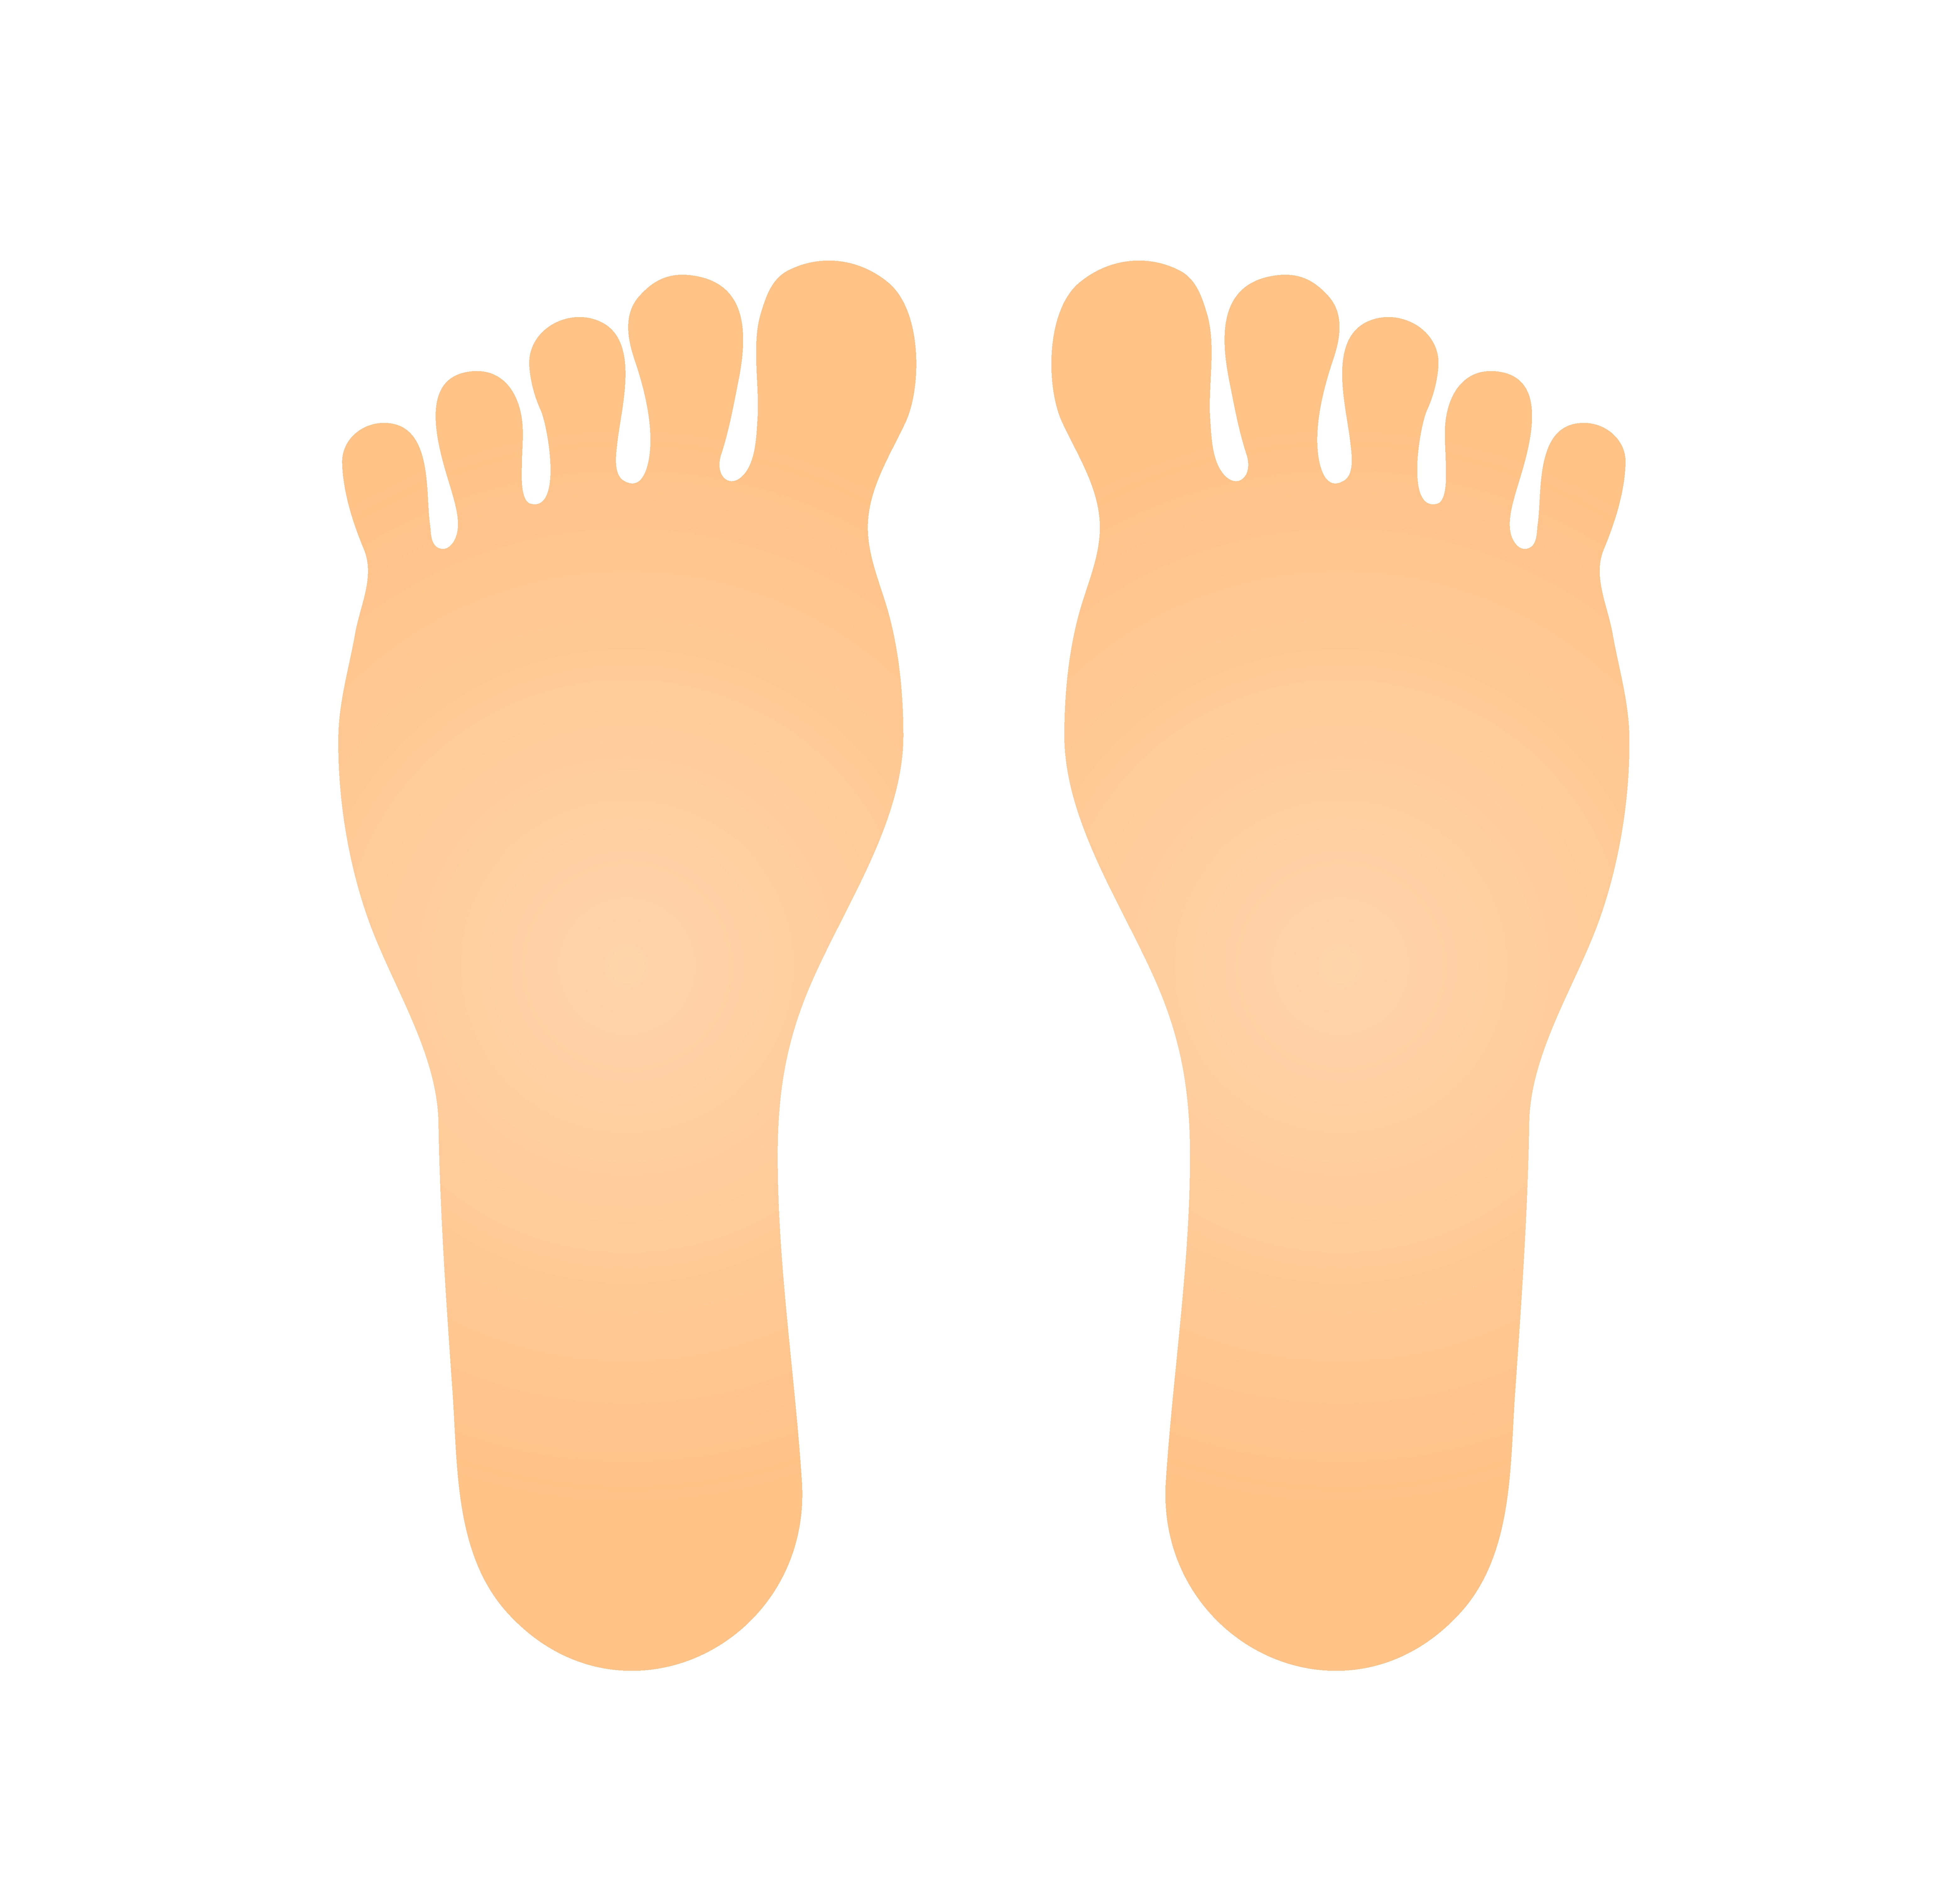 足の形、サイズ、足圧